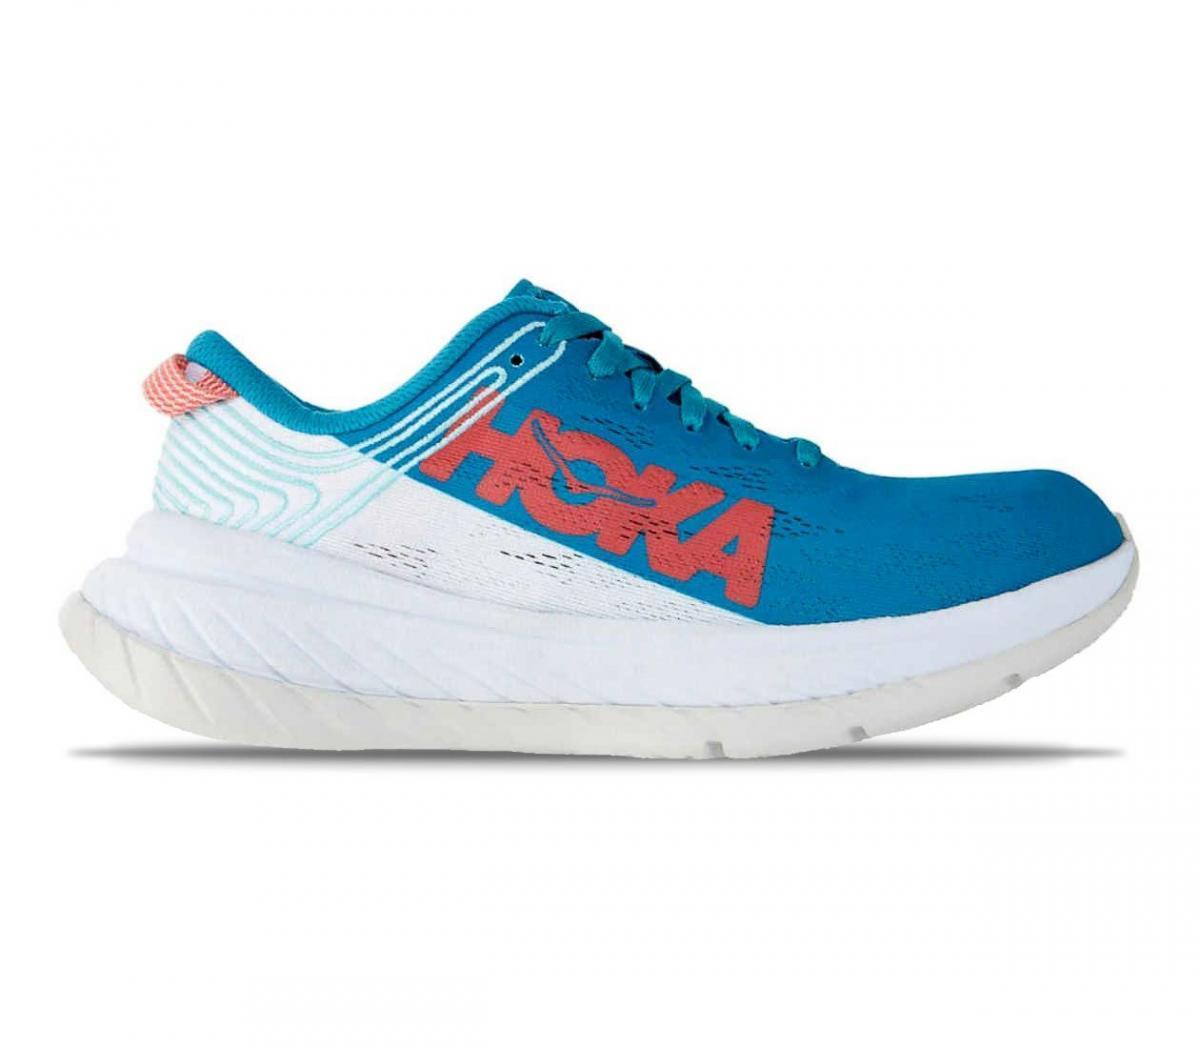 scarpa da running donna hora one one carbon x